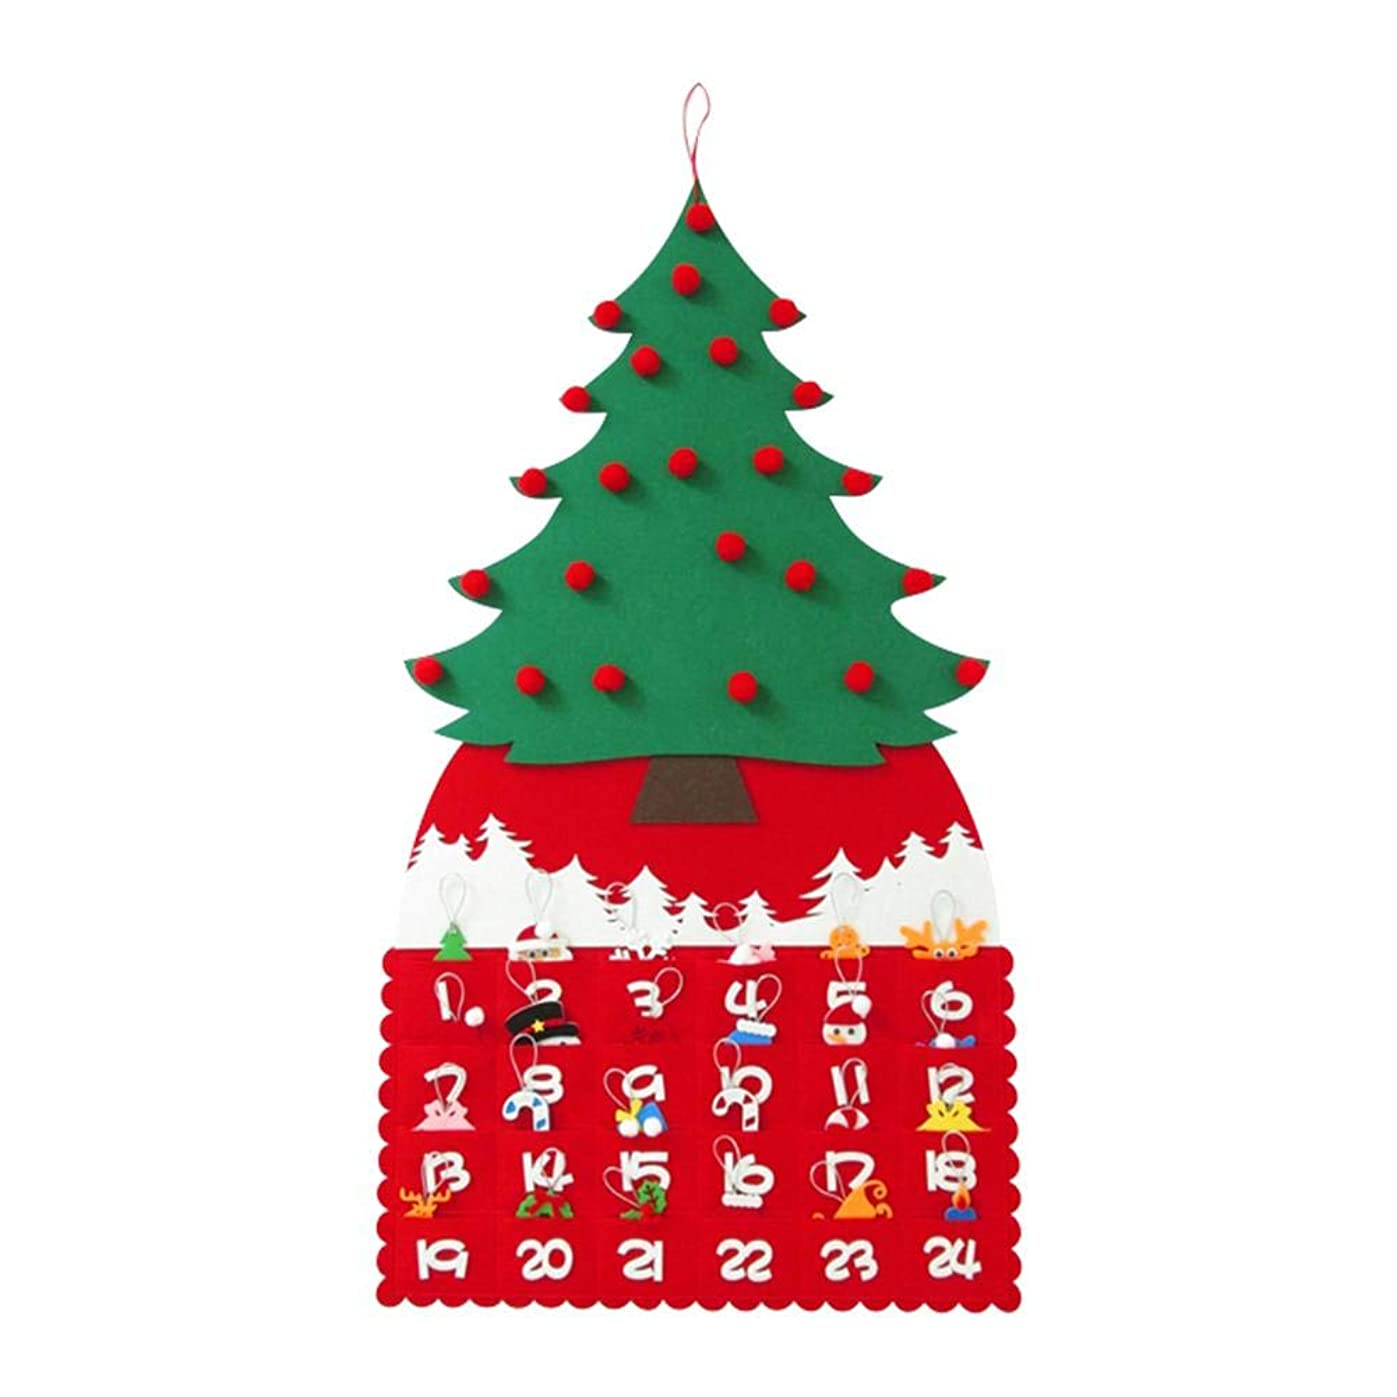 歌手委任ポータルクリスマスカレンダー アドベントカレンダー クリスマスの装飾 カウントダウンカレンダー 子供 ギフト クリスマスツリーの3D赤いボール 休日の装飾のための掛かる装飾を感じ 絶妙さと美しさの贈り物52 cm x 95 cm